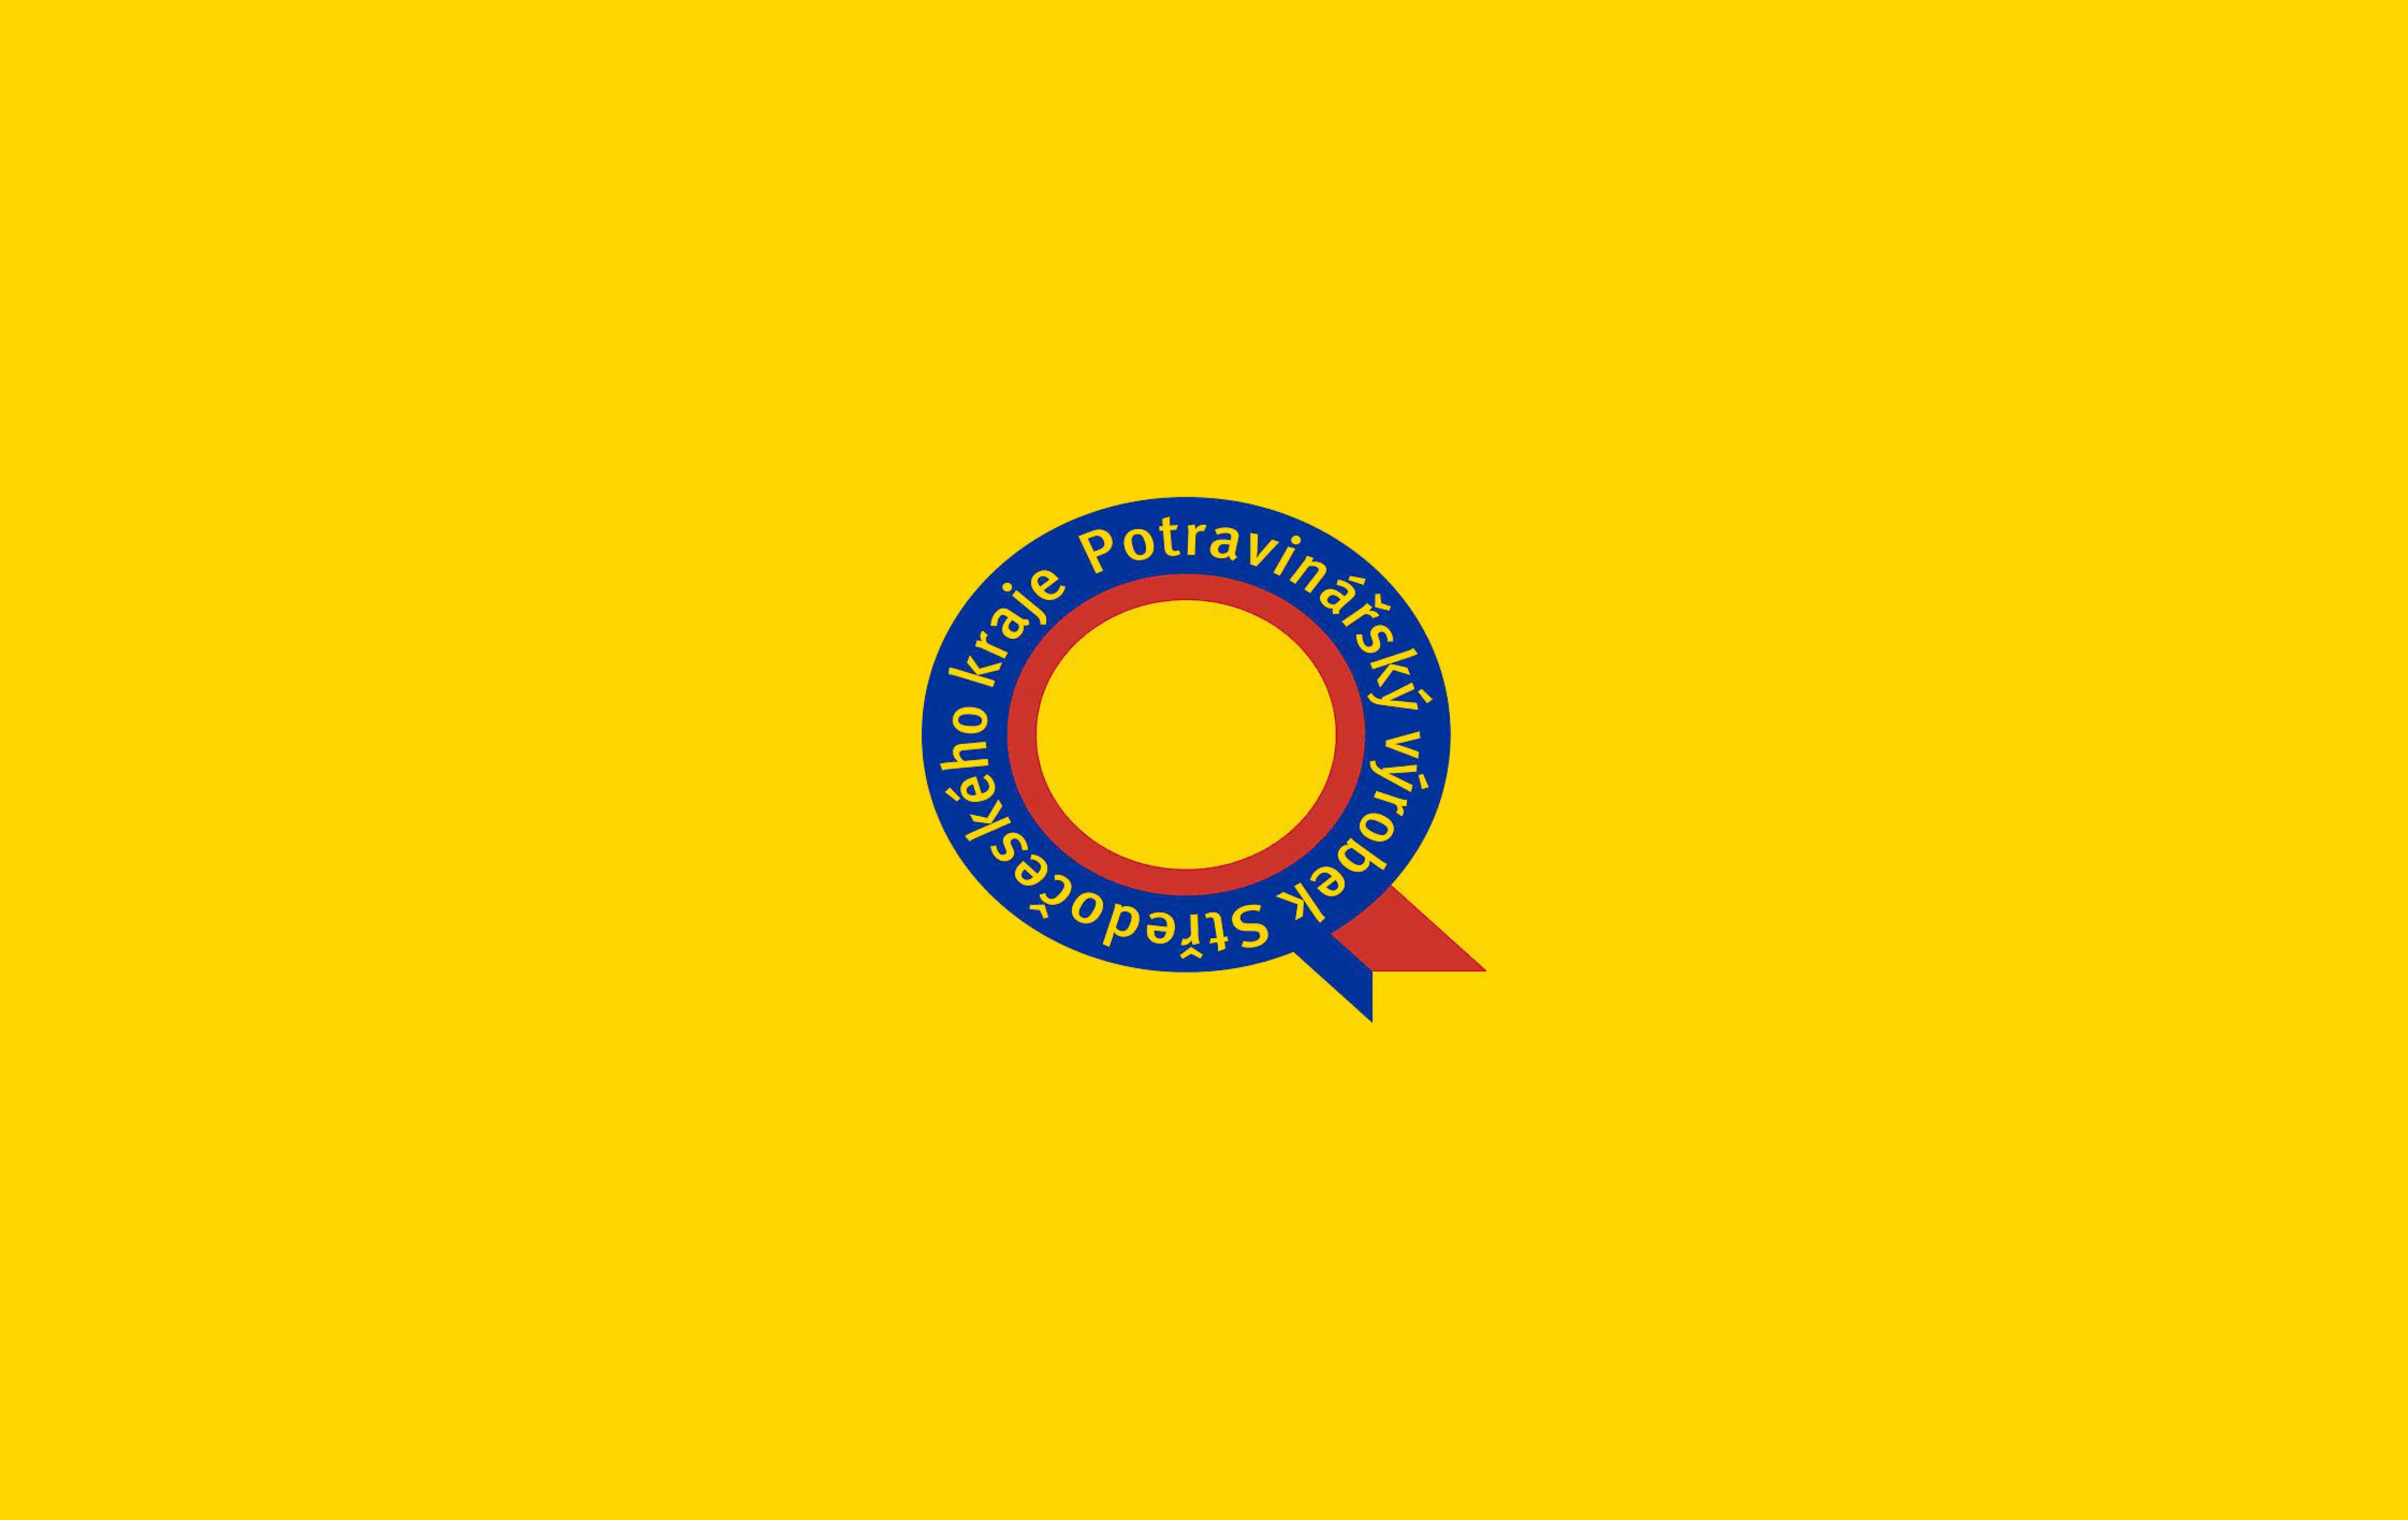 potravinářský výrobek středočeského kraje logo